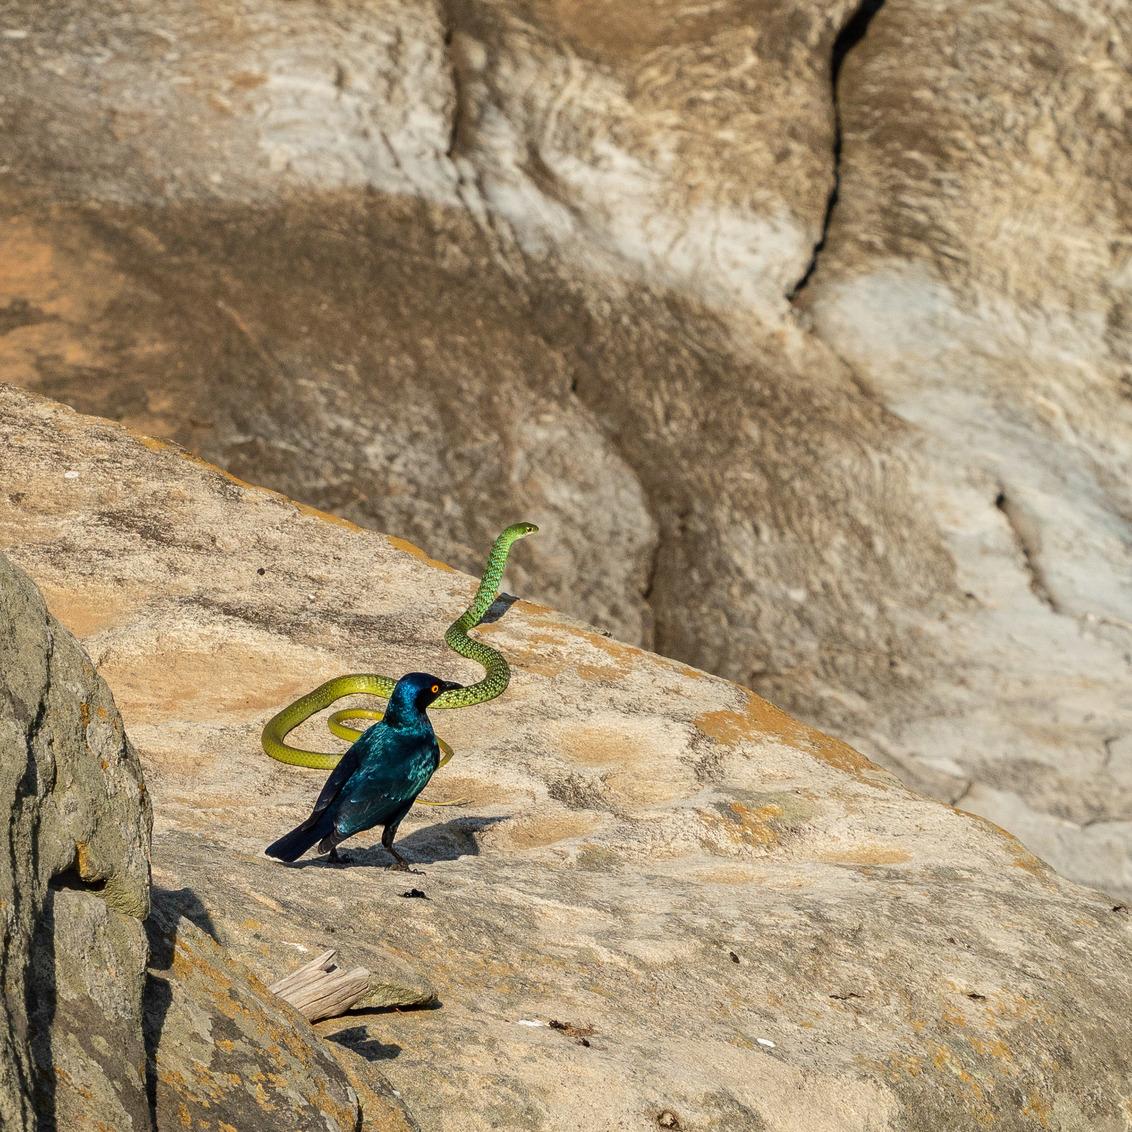 Twee zielen, één blik. - De spreeuw pikt de slang eenmaal in zijn staart en daarna zijn ze gefascineerd door iets, maar wat? Ik heb het niet kunnen vinden. - foto door EvdBrink op 03-10-2018 - deze foto bevat: natuur, safari, afrika